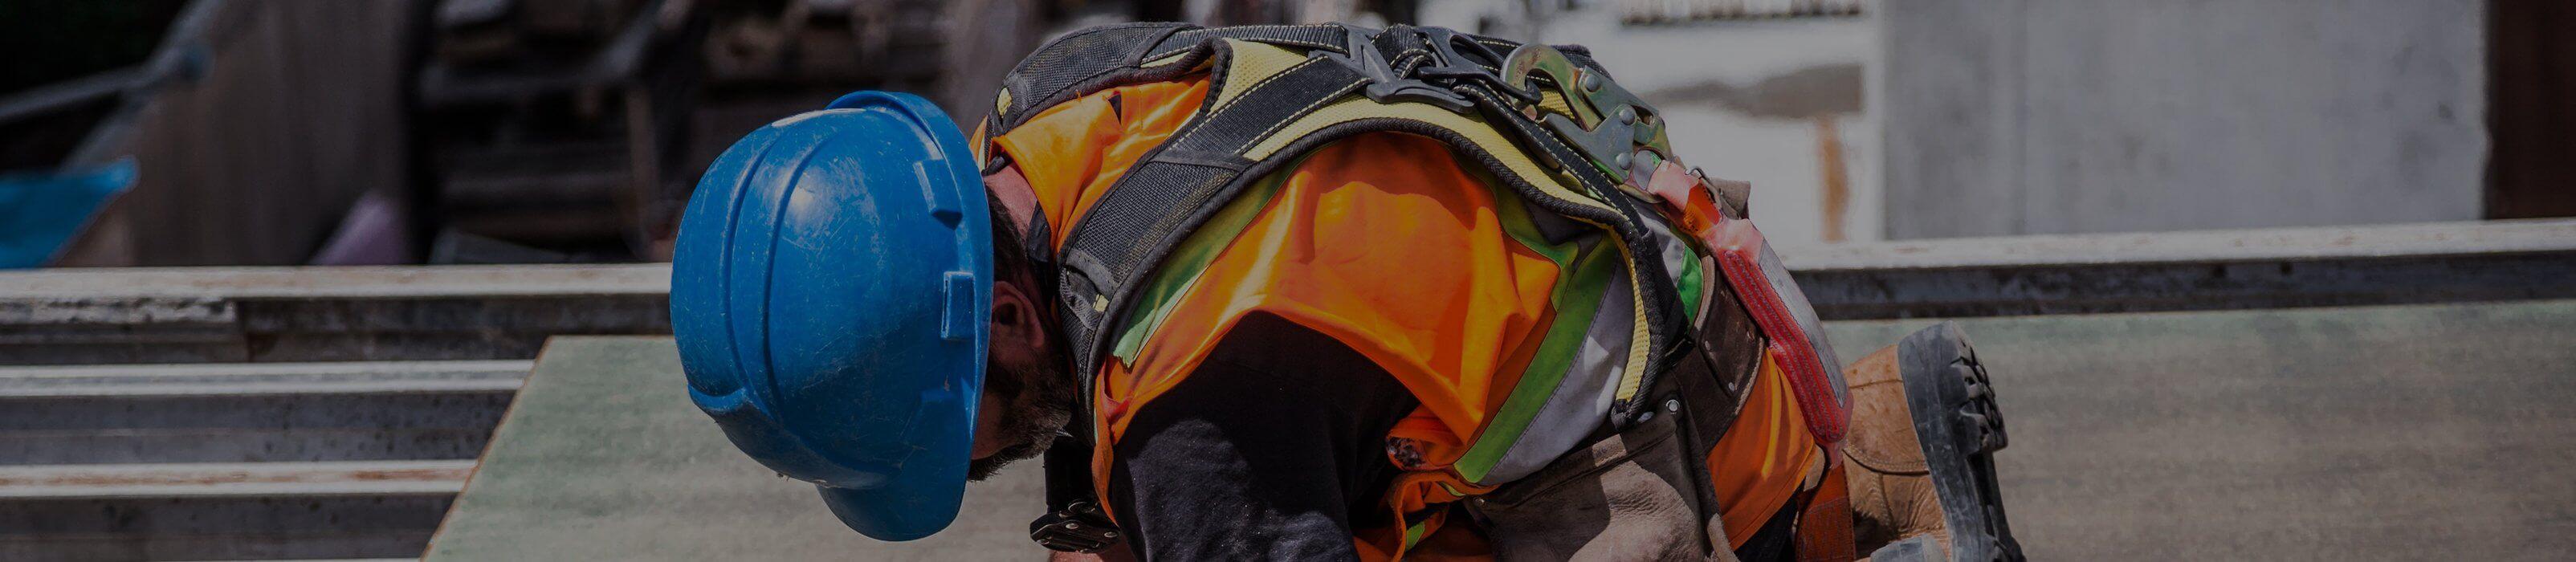 Fallskyddsutbildning | Säkra Utbildningar